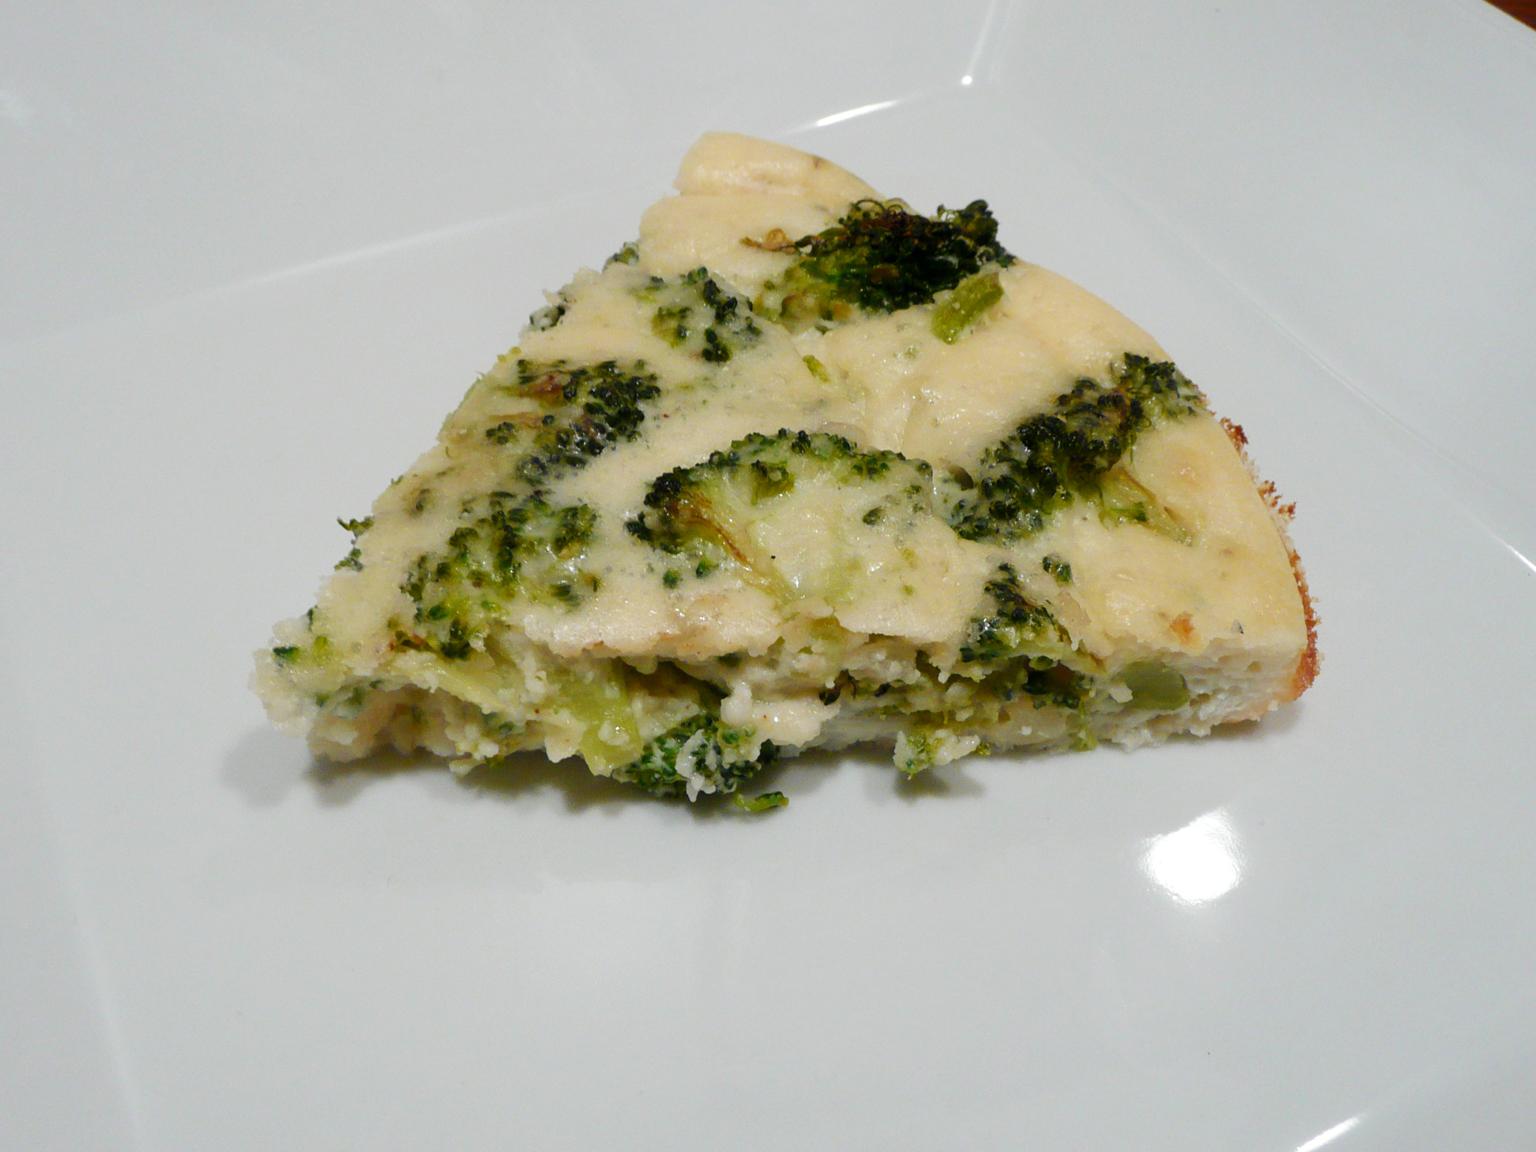 Egg-White-Broccoli-Quiche